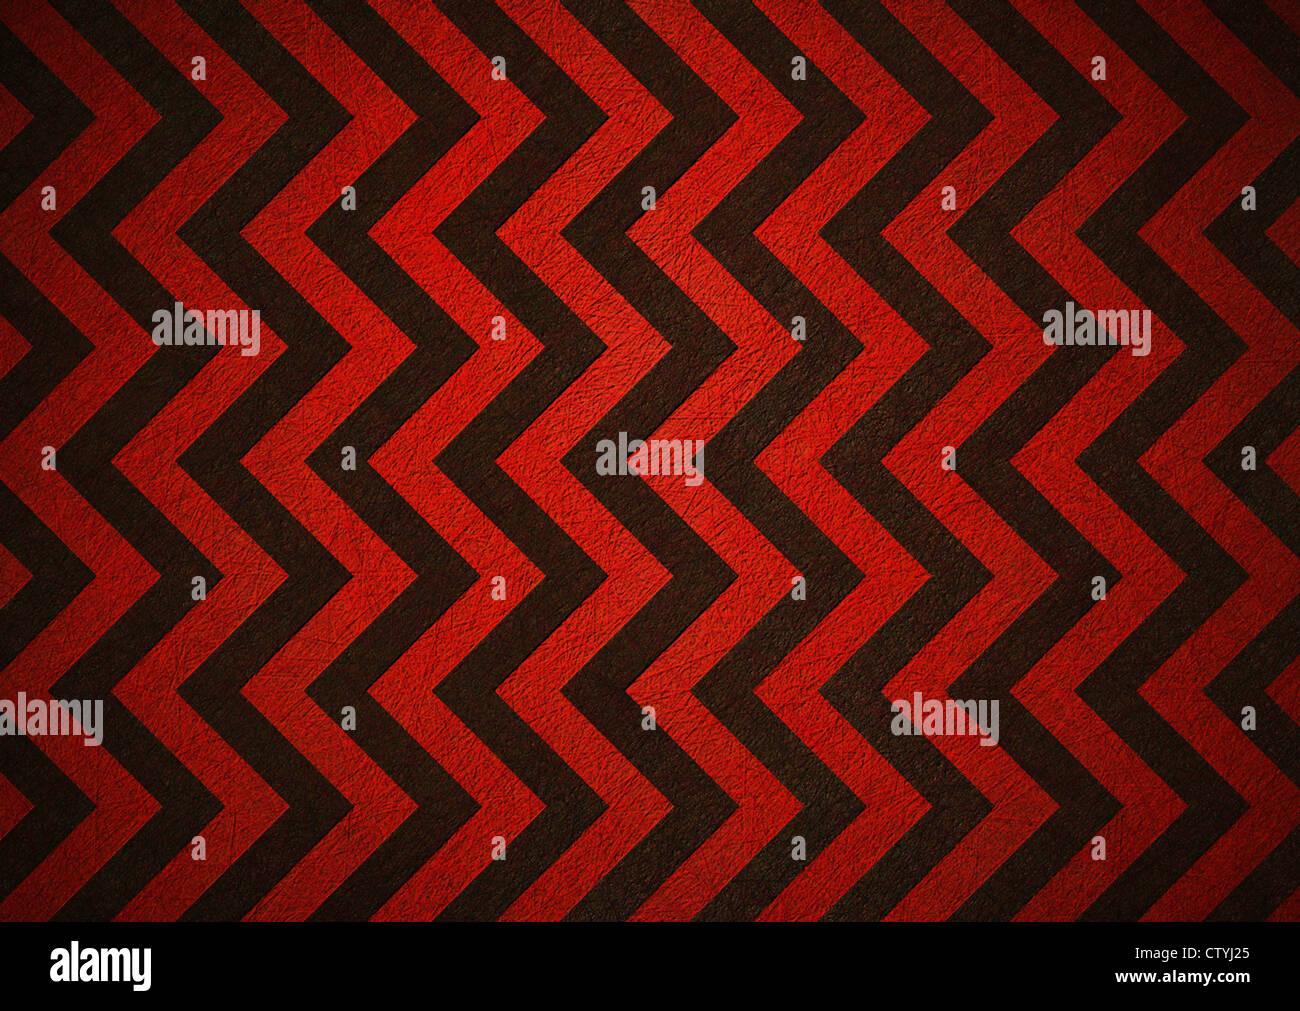 Nero e rosso sfondo rétro di chevron motivo a strisce Immagini Stock